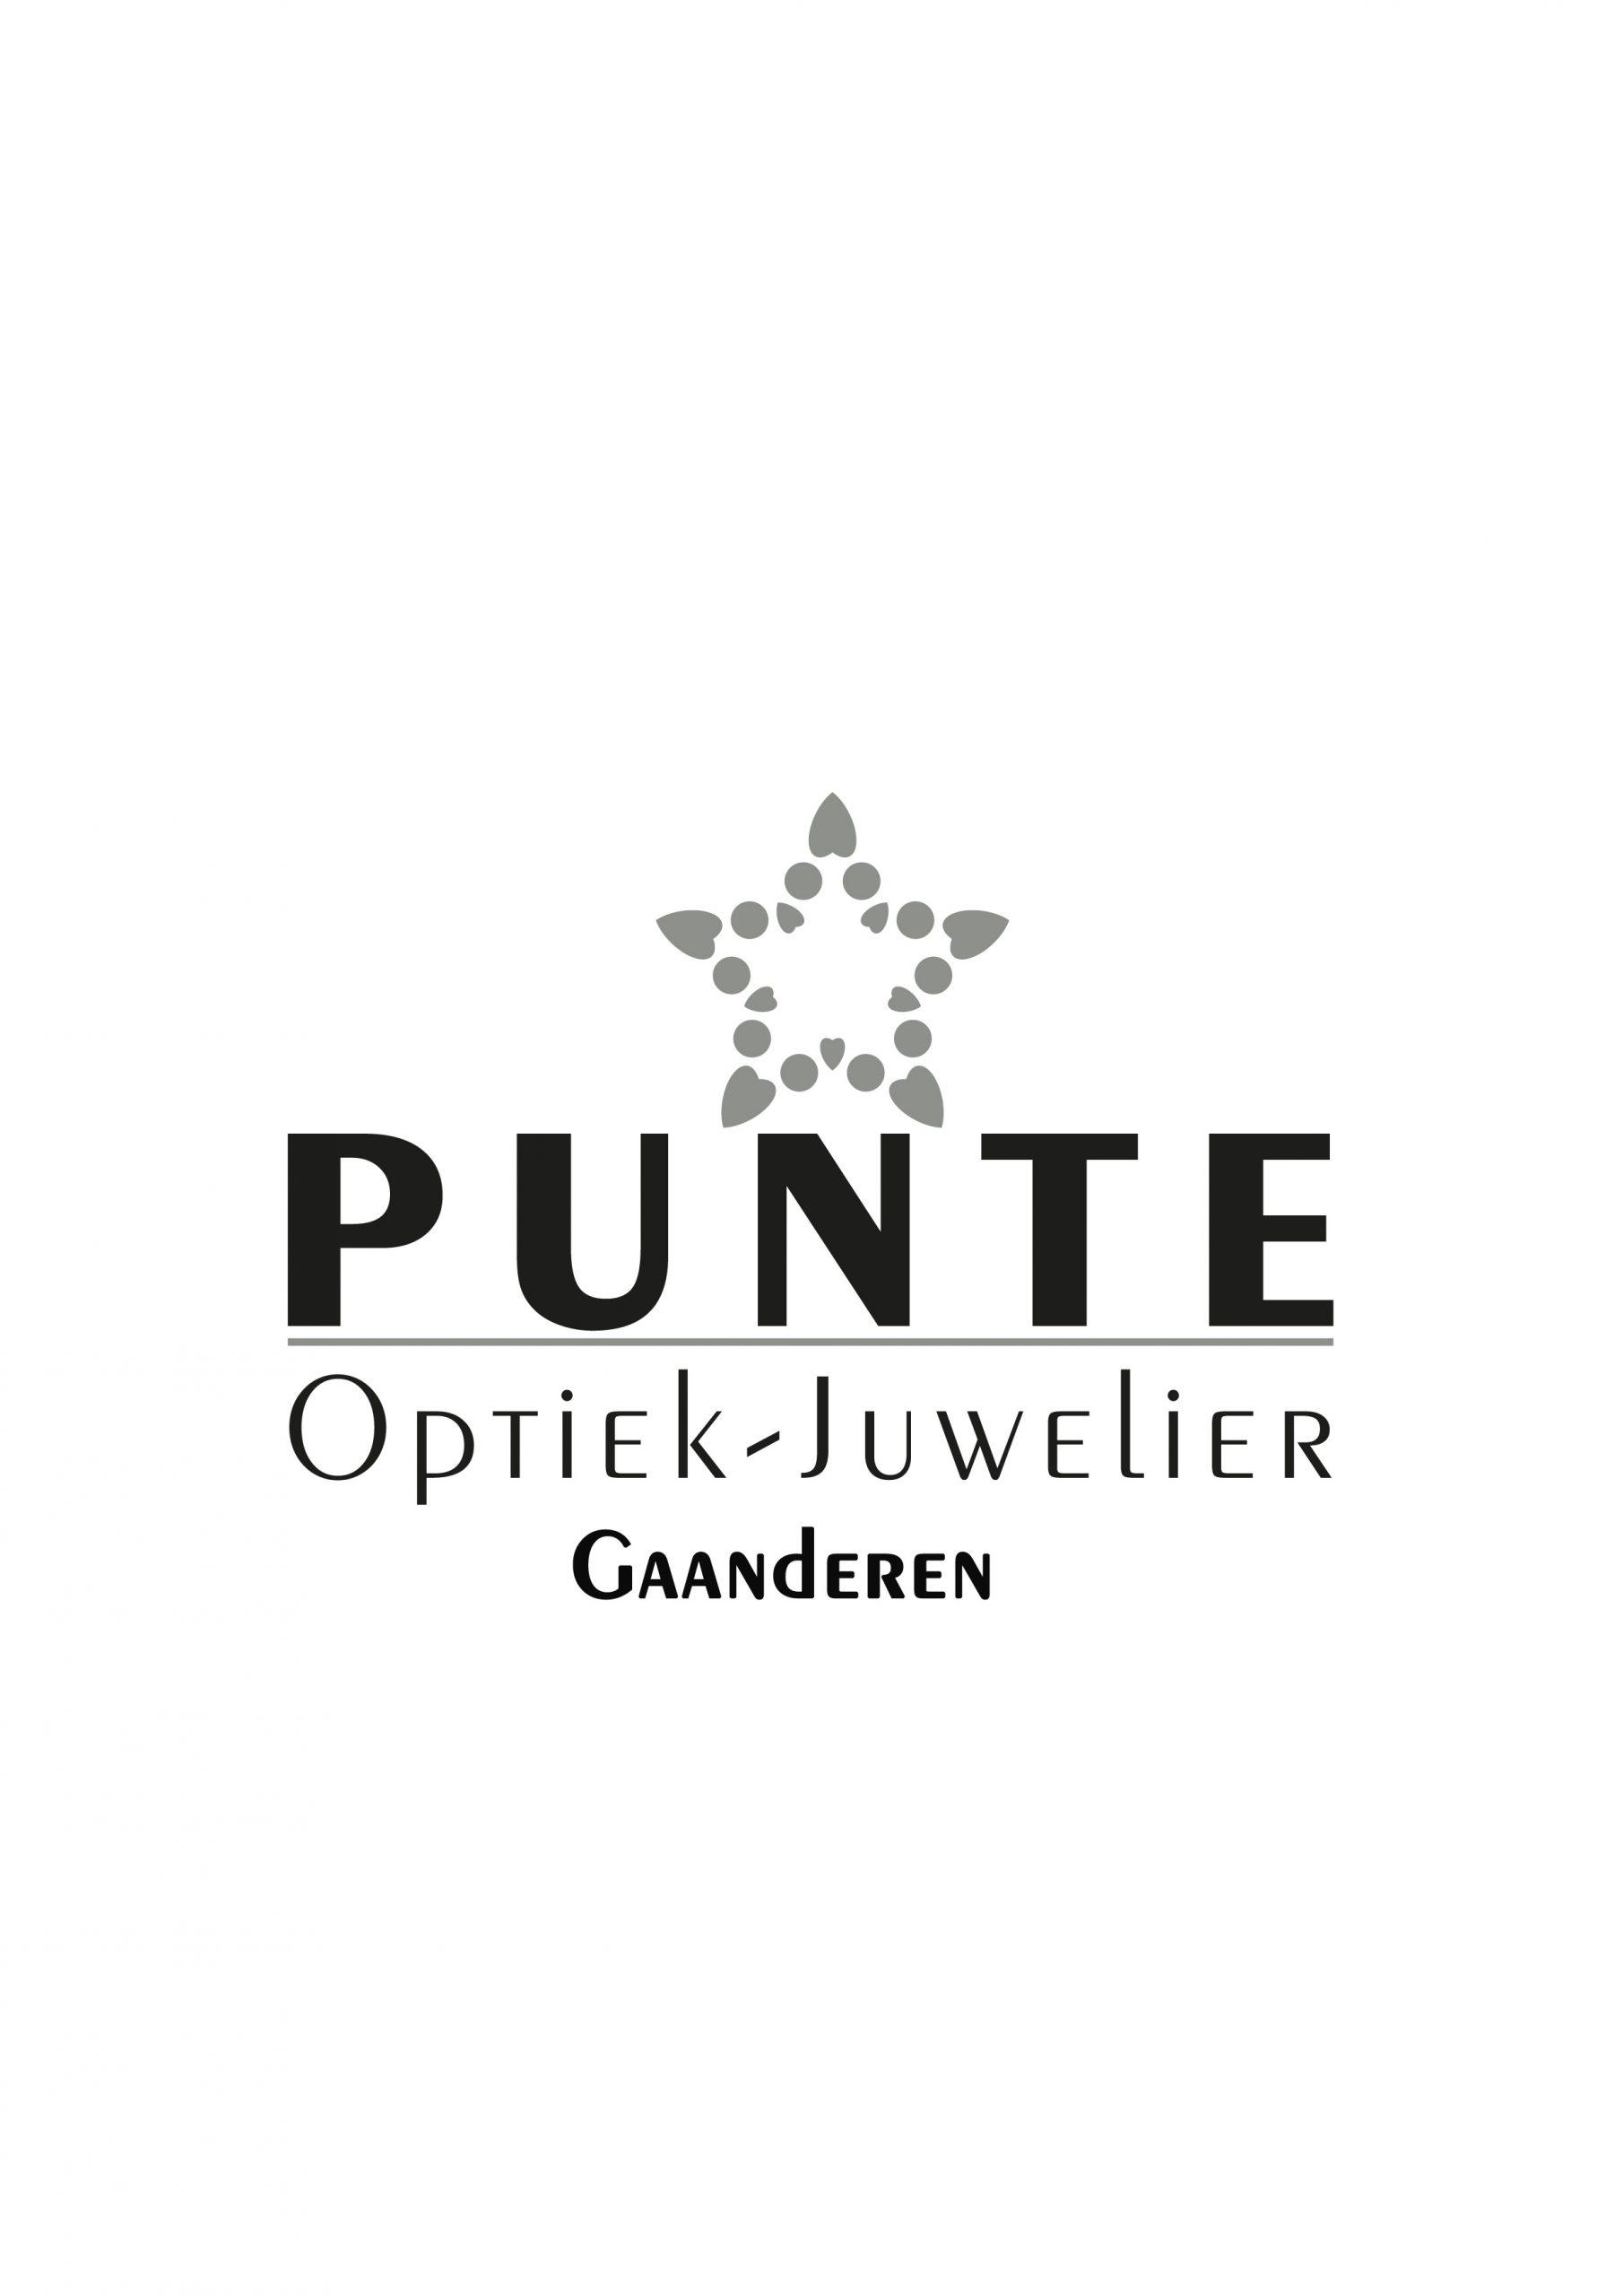 Logo voor Punte Optiek Juwelier